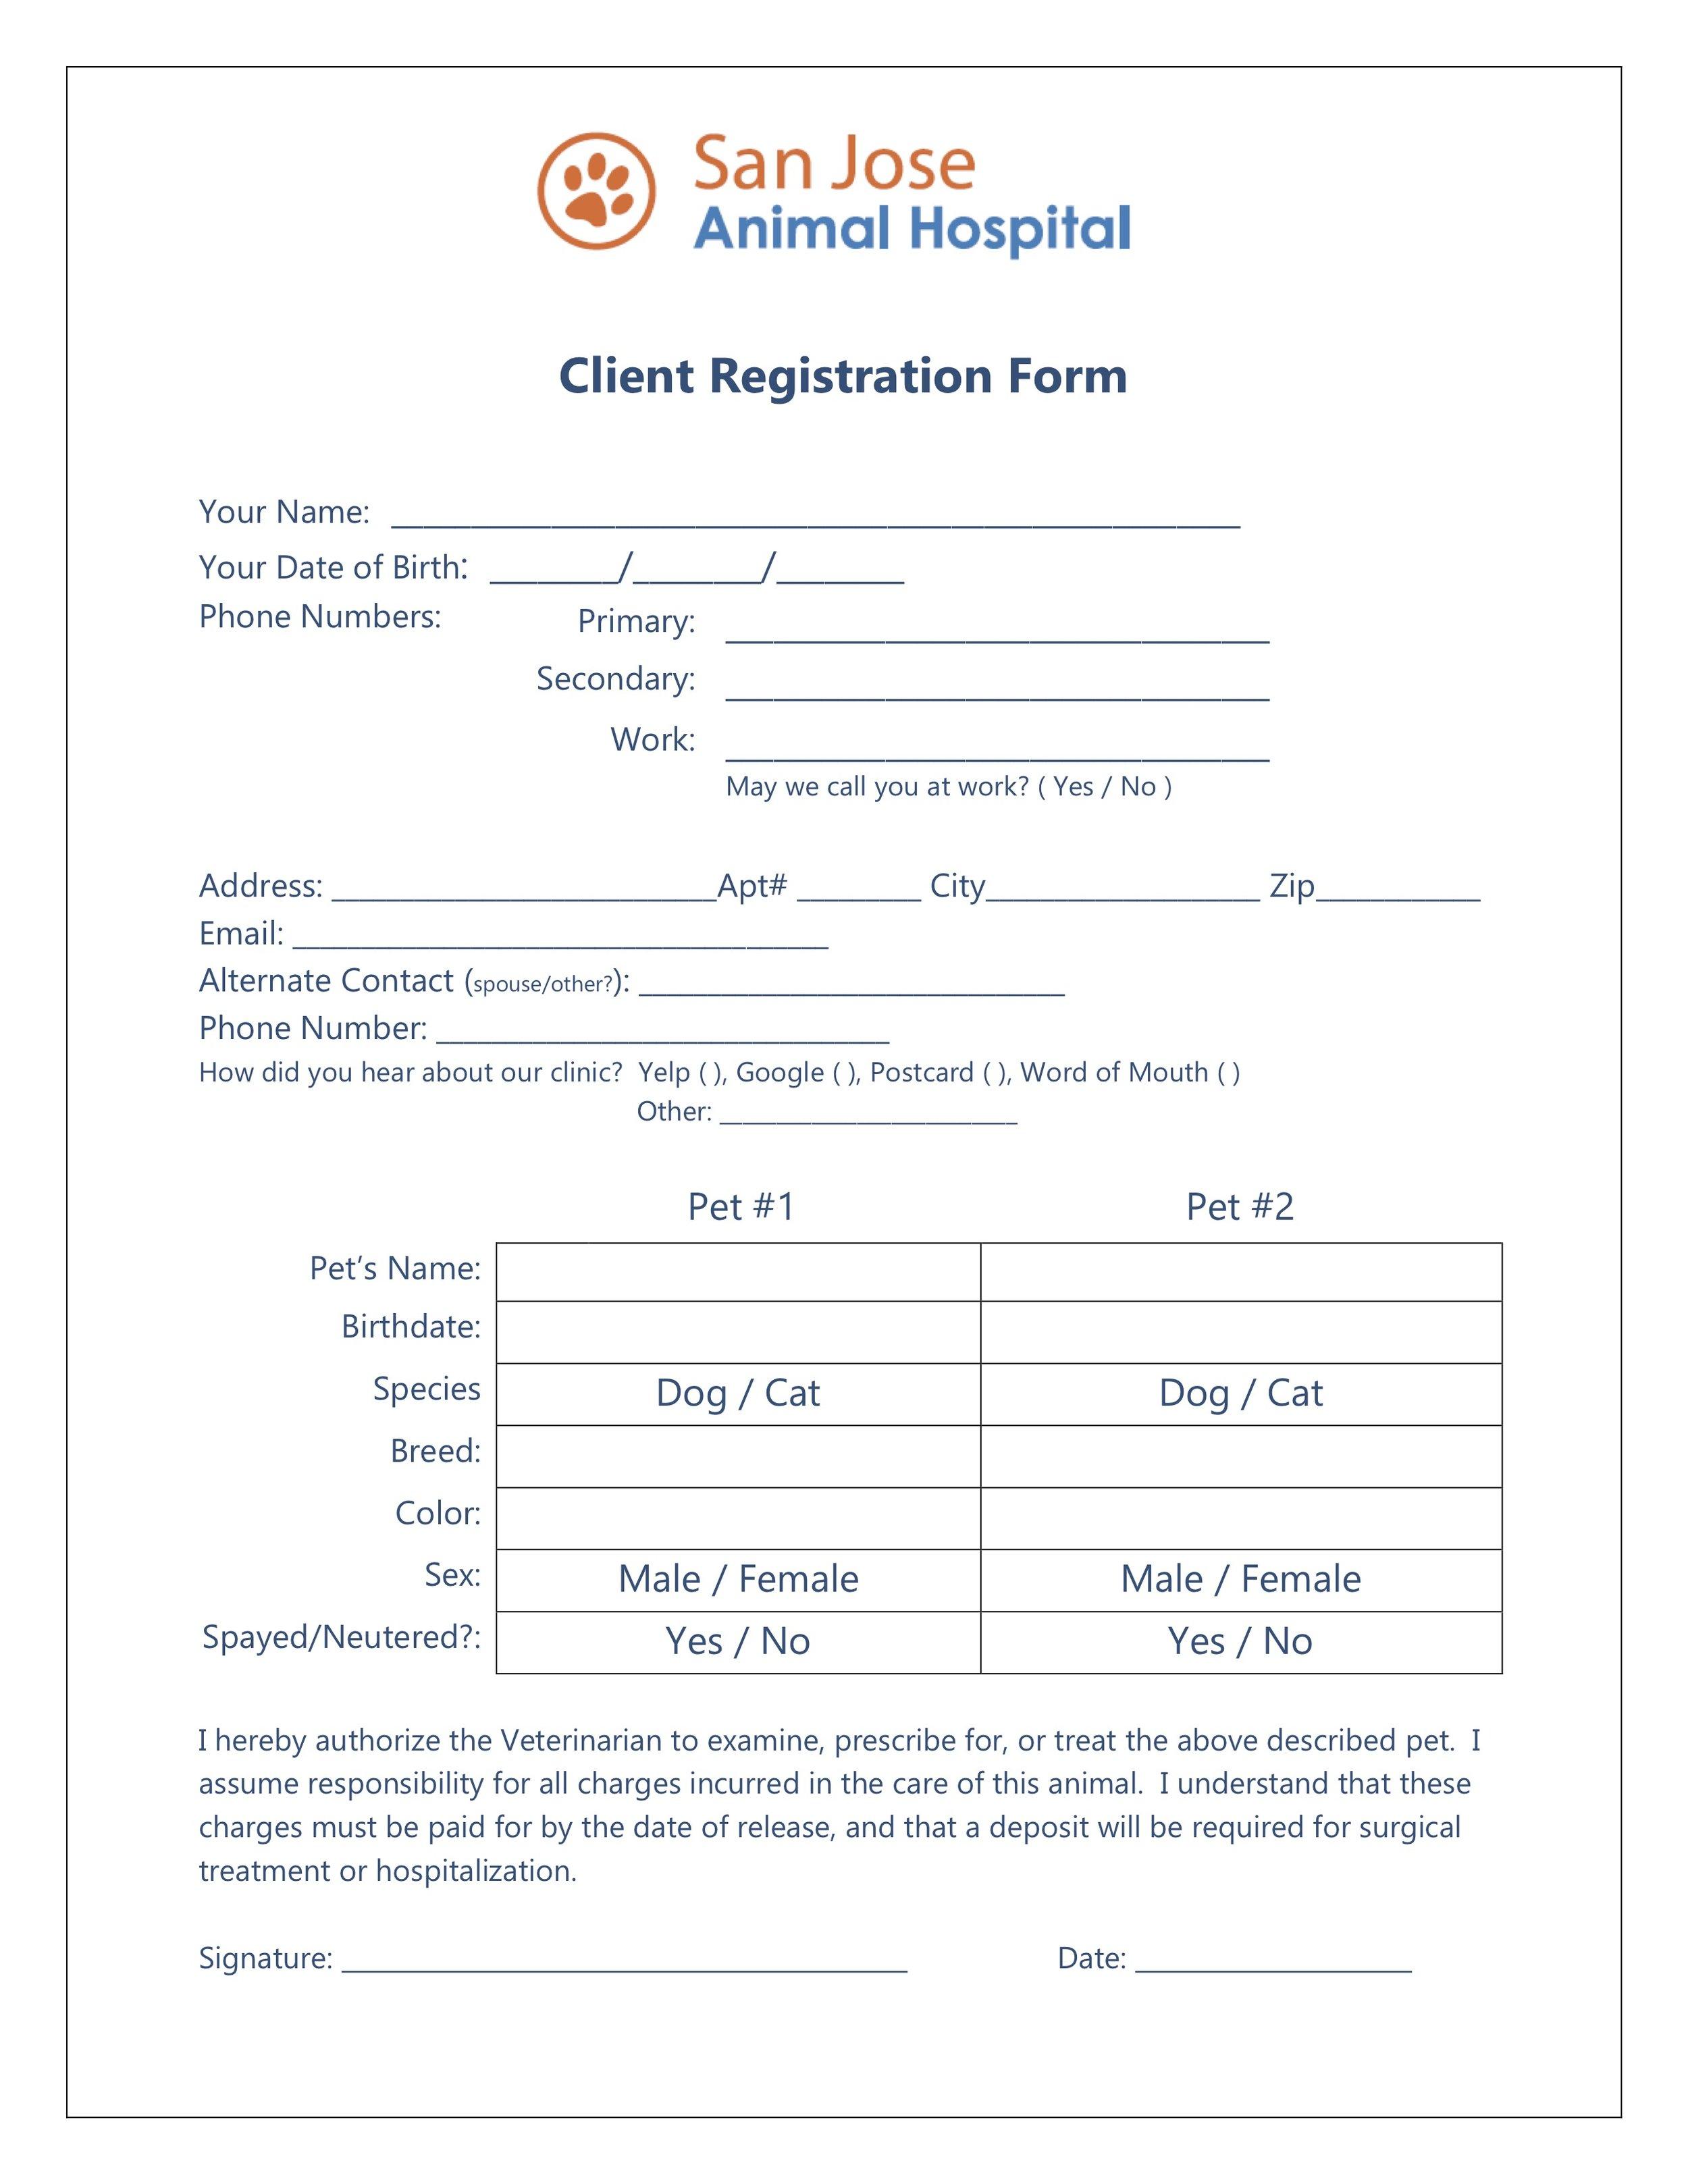 Client+Registration+Form.jpg